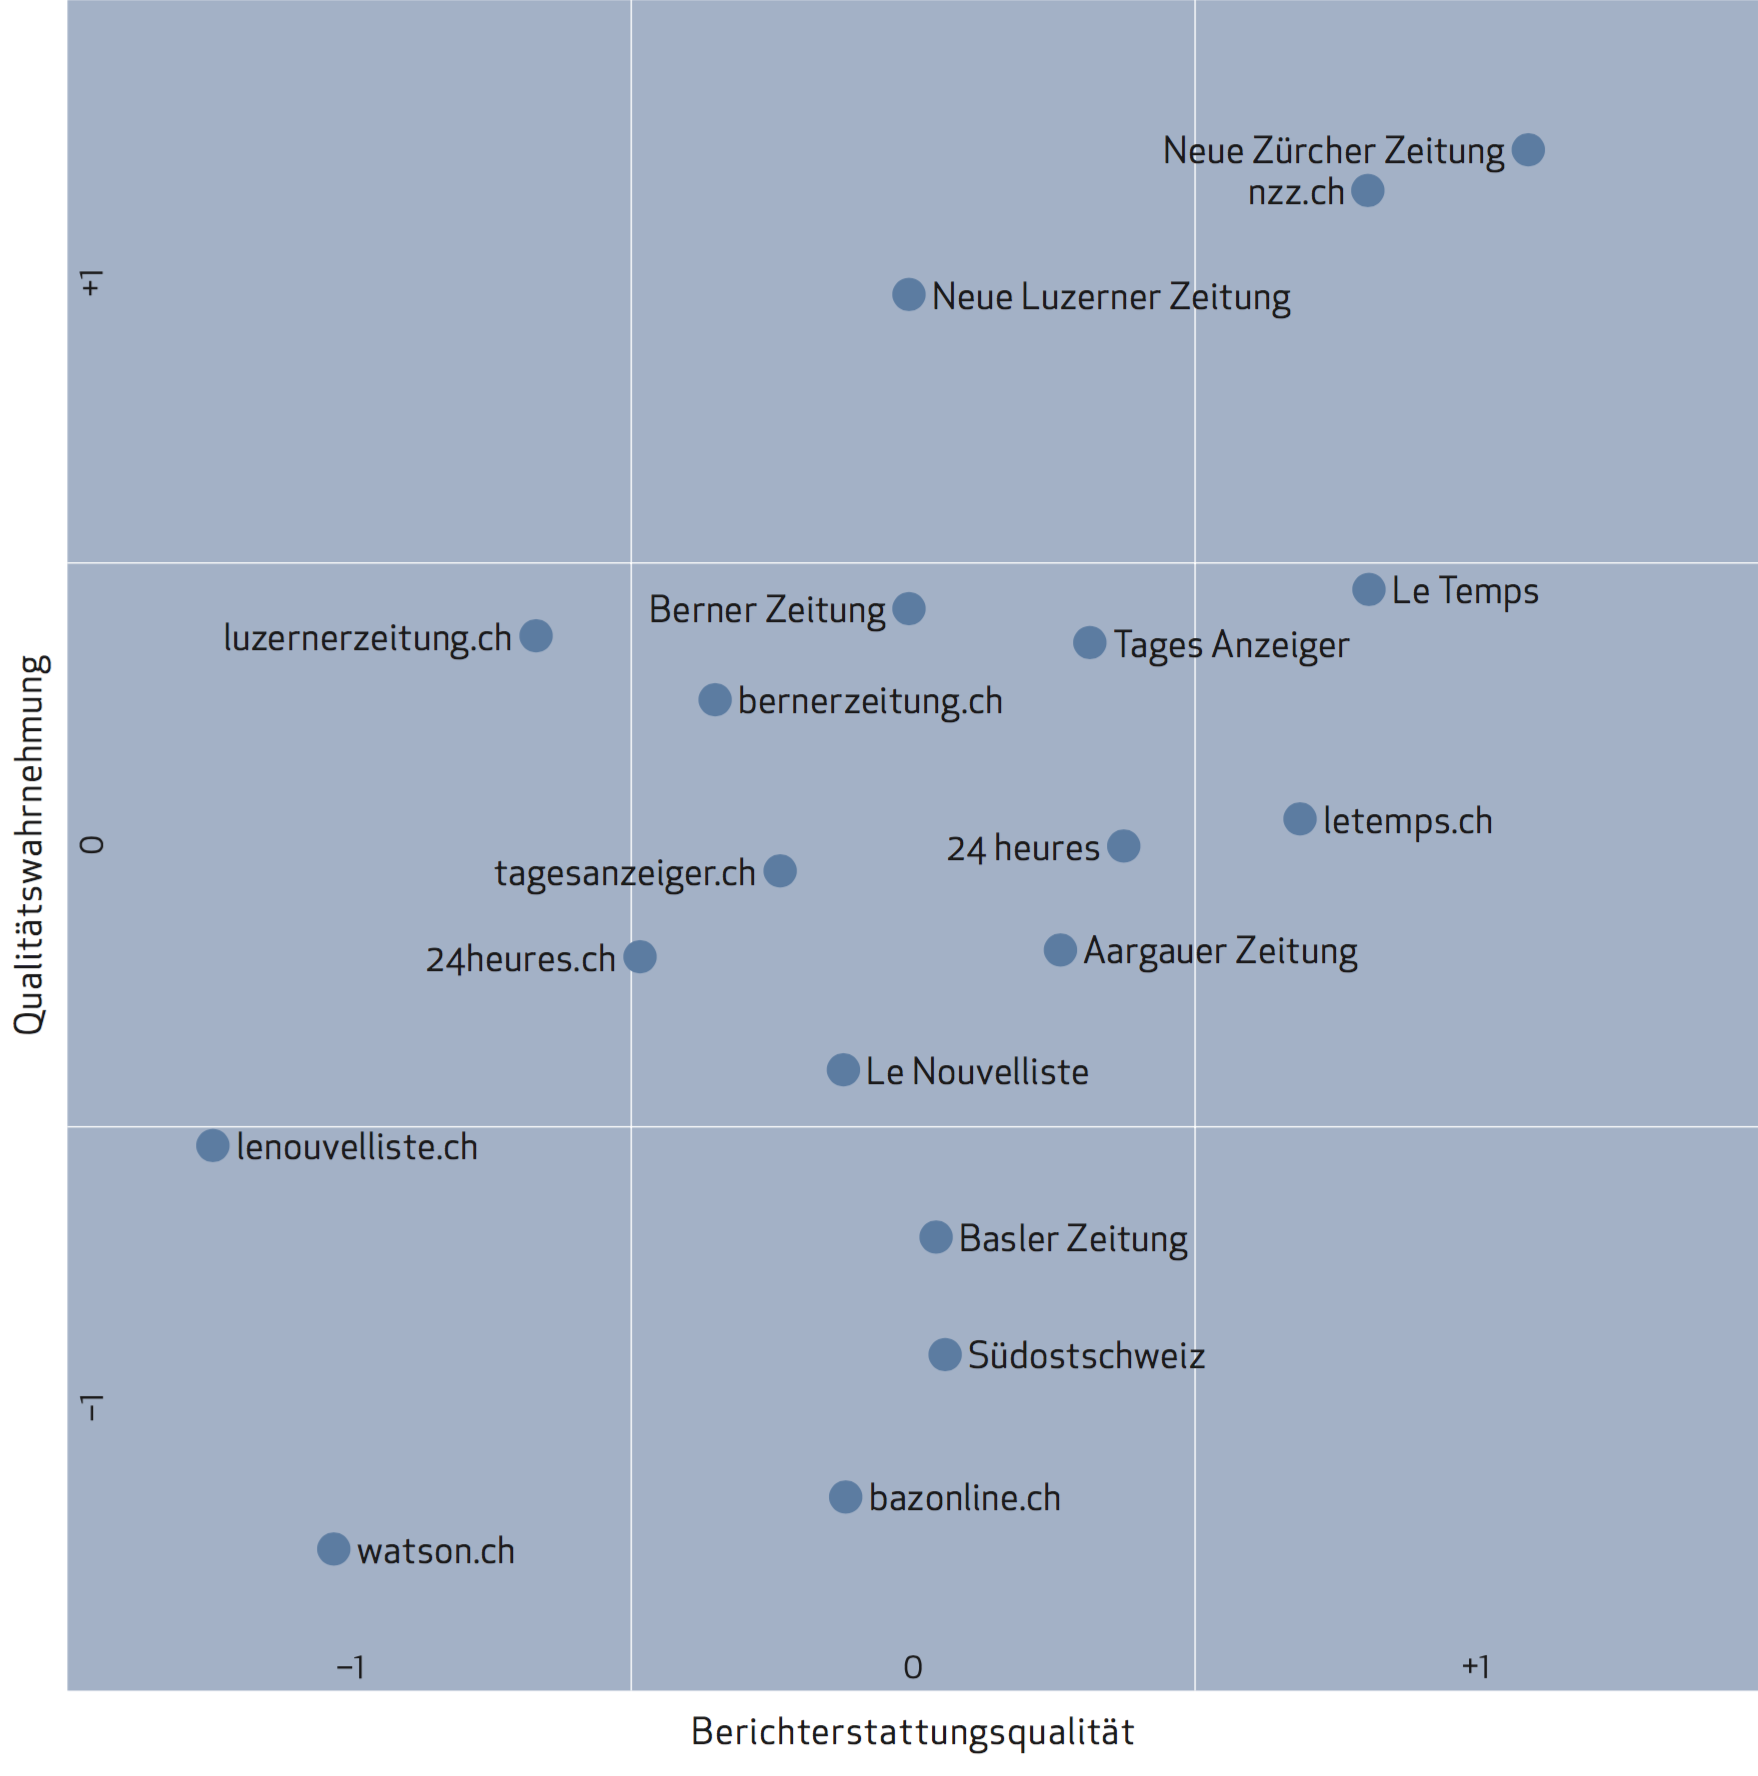 zeitungen deutschland ranking